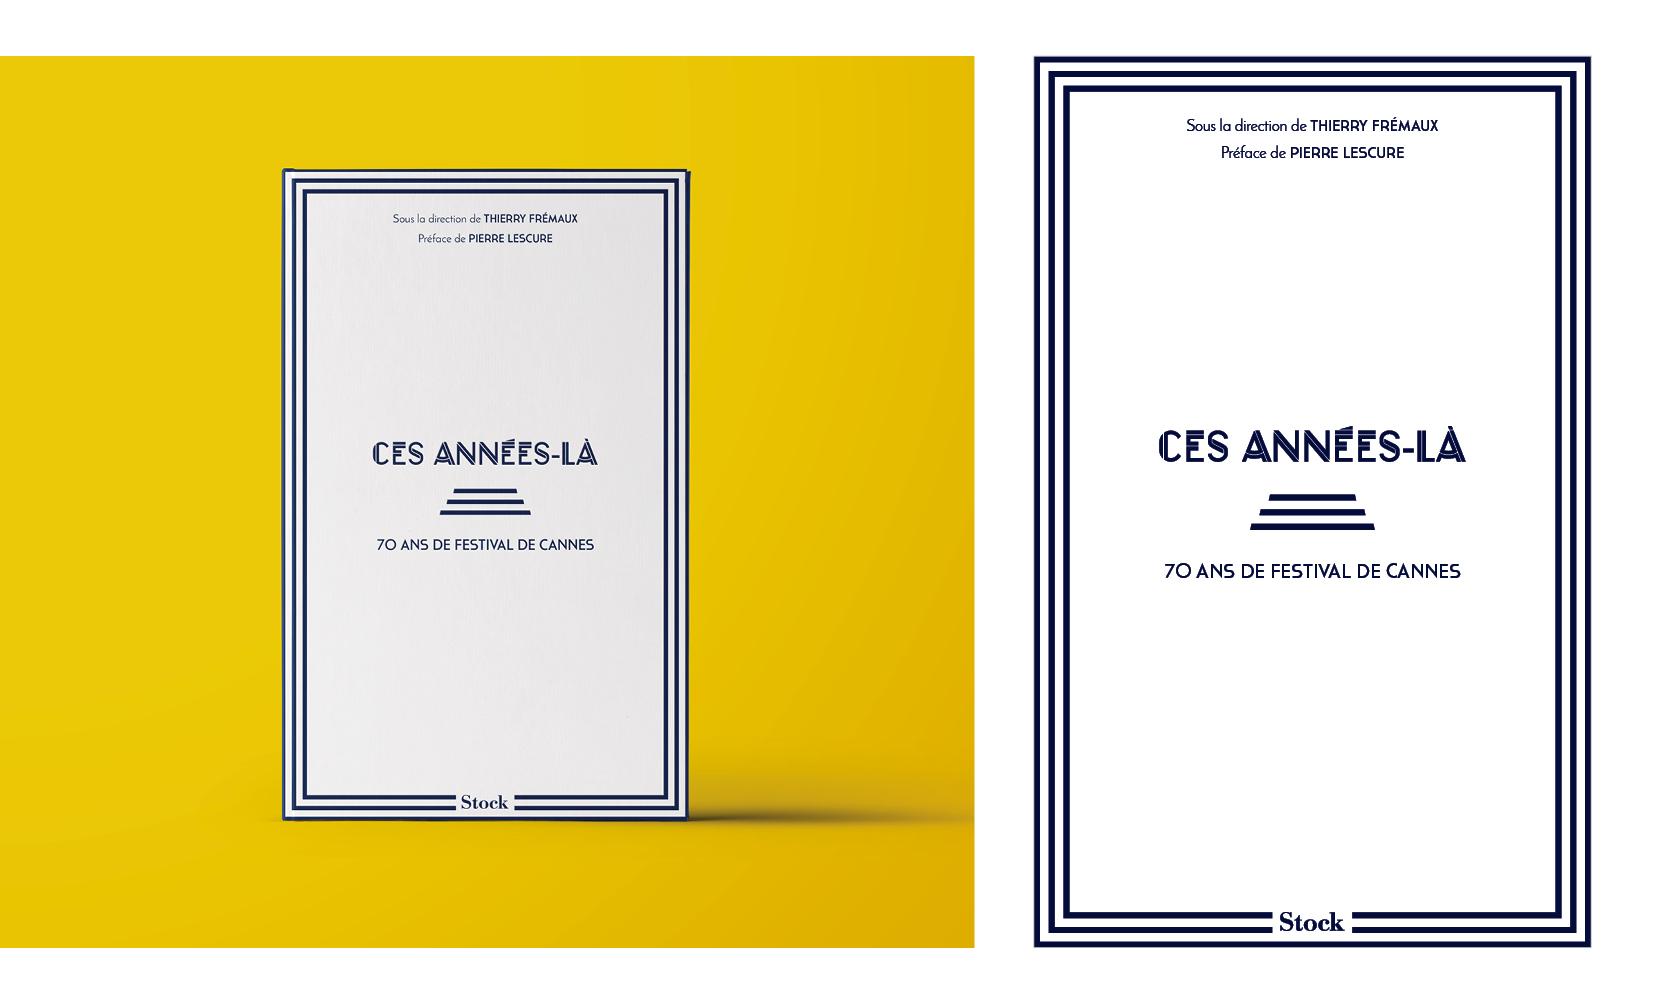 Prez_CesAnnees-la-portfolio12